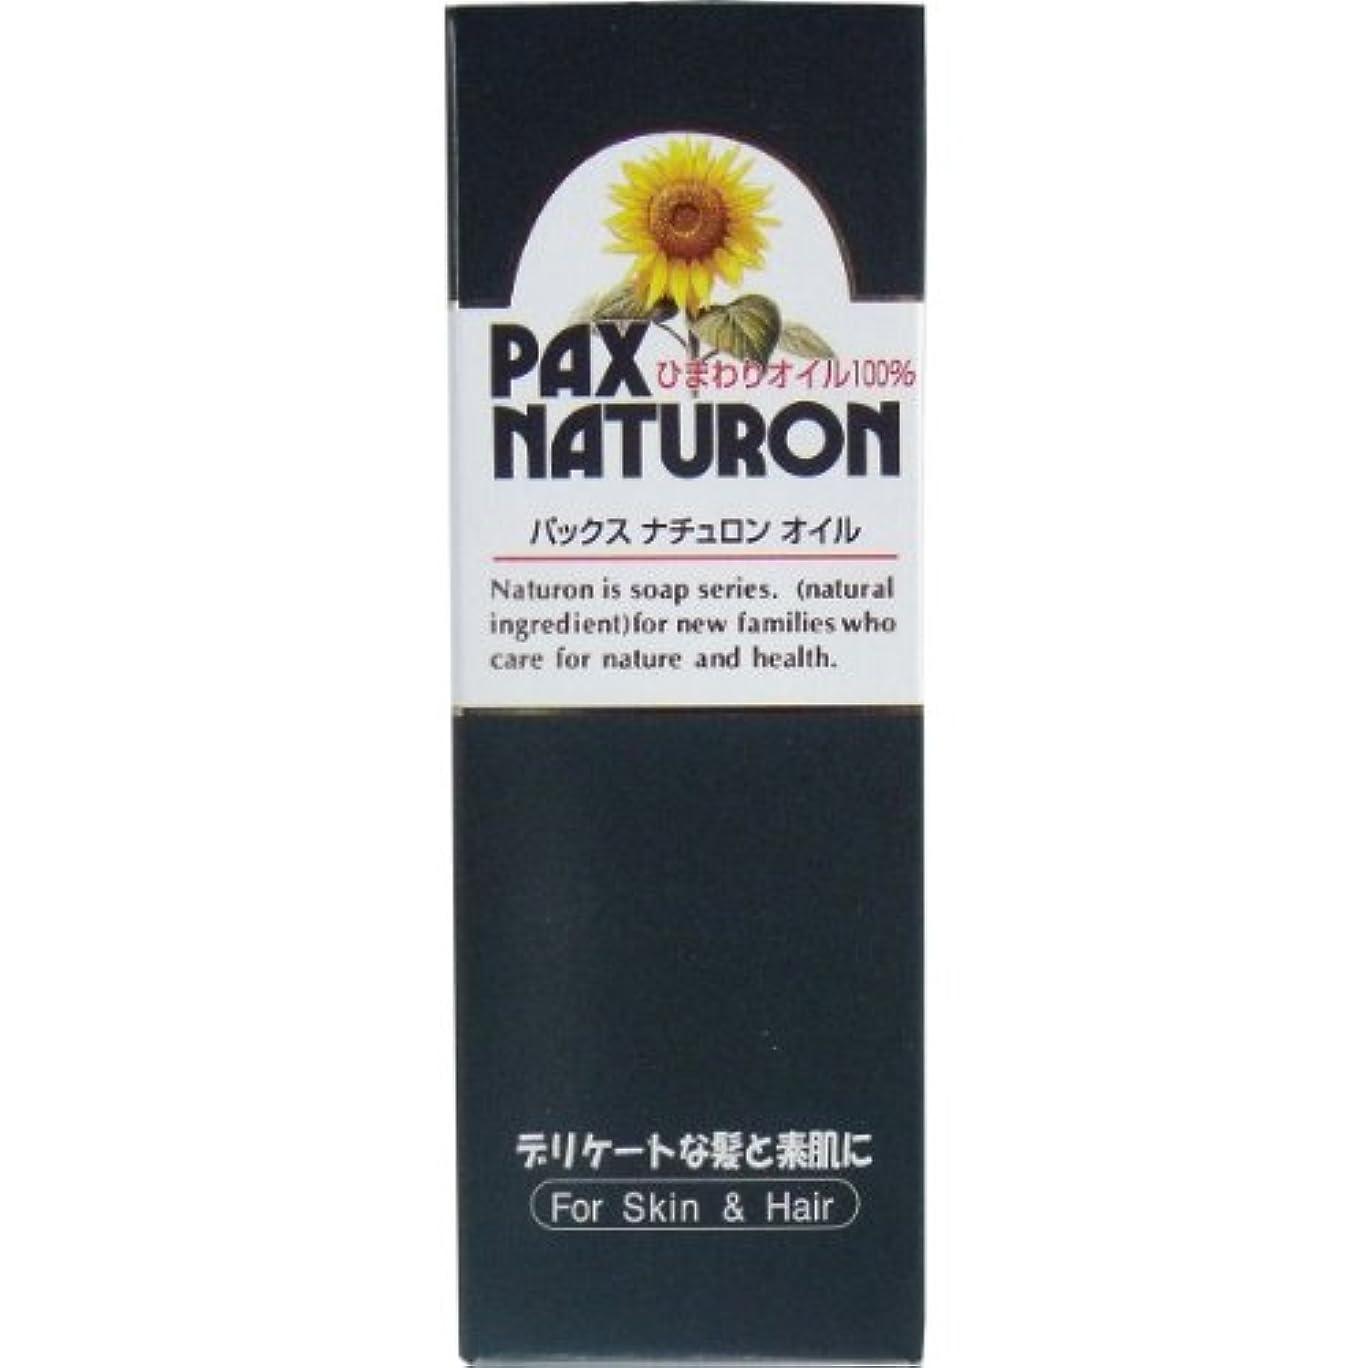 ペネロペ土モットーパックス ナチュロン オイル 60ML【2個セット】